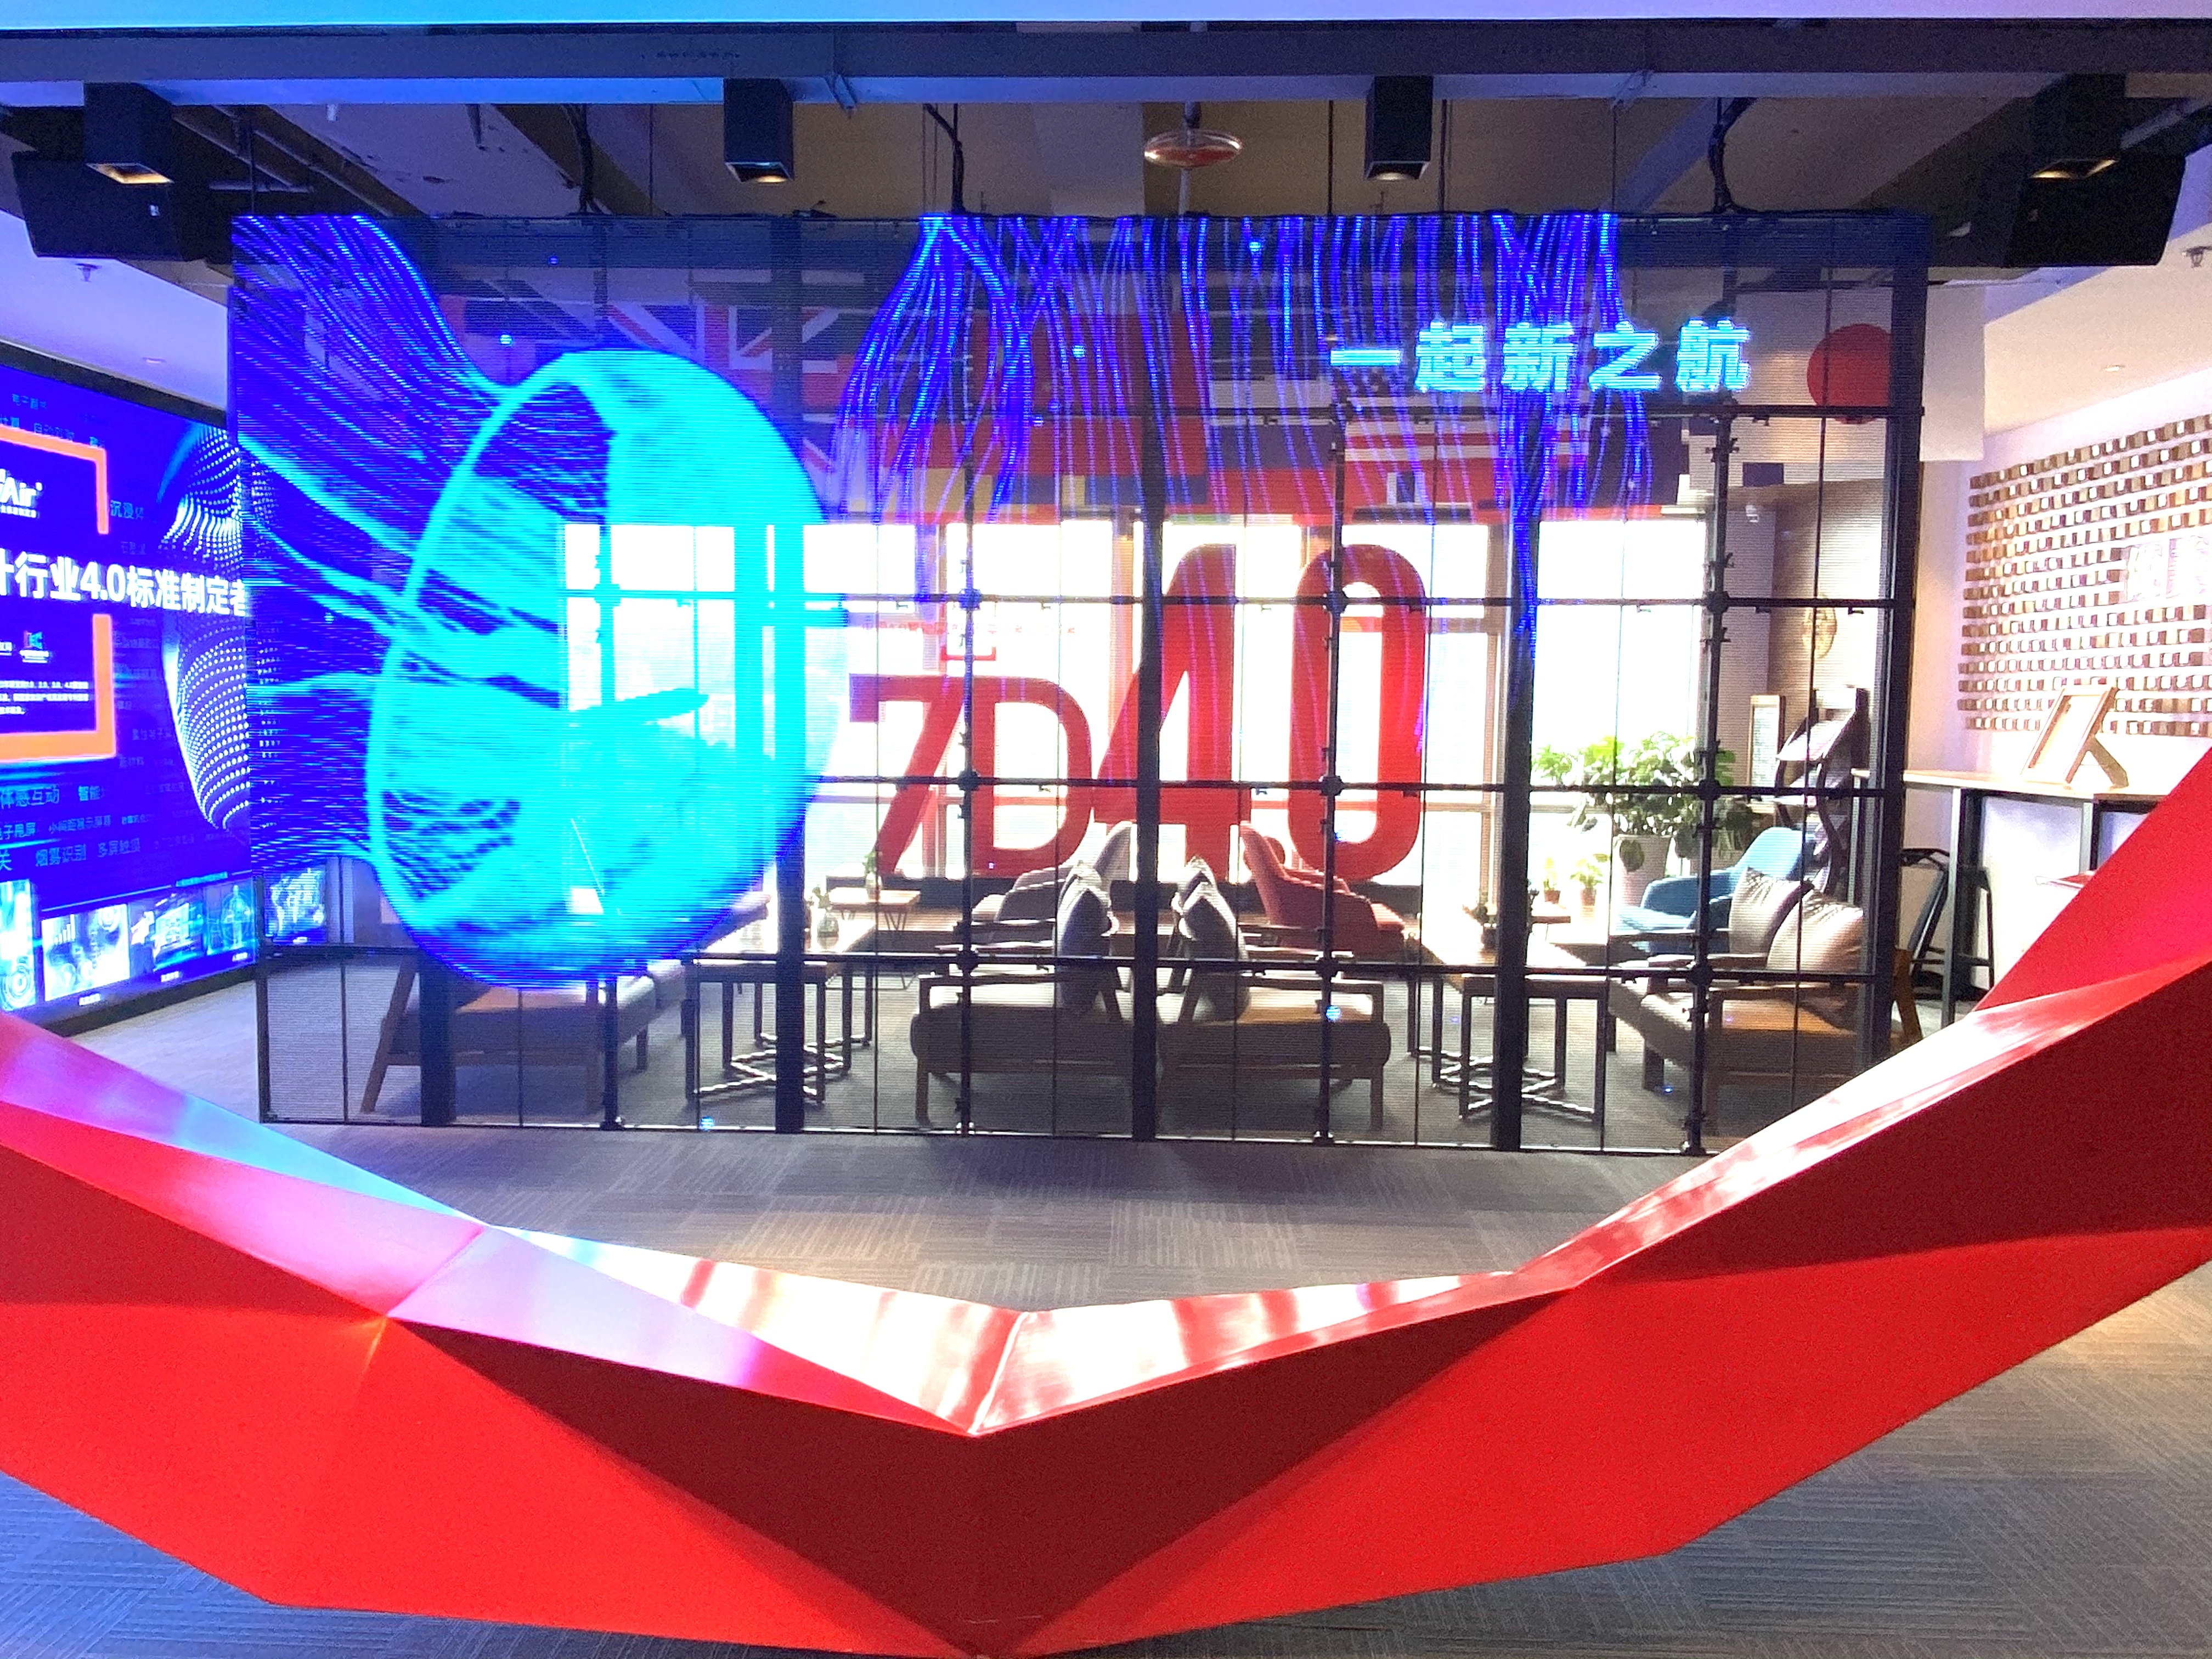 如何将展馆设计成能量守恒的能量场?